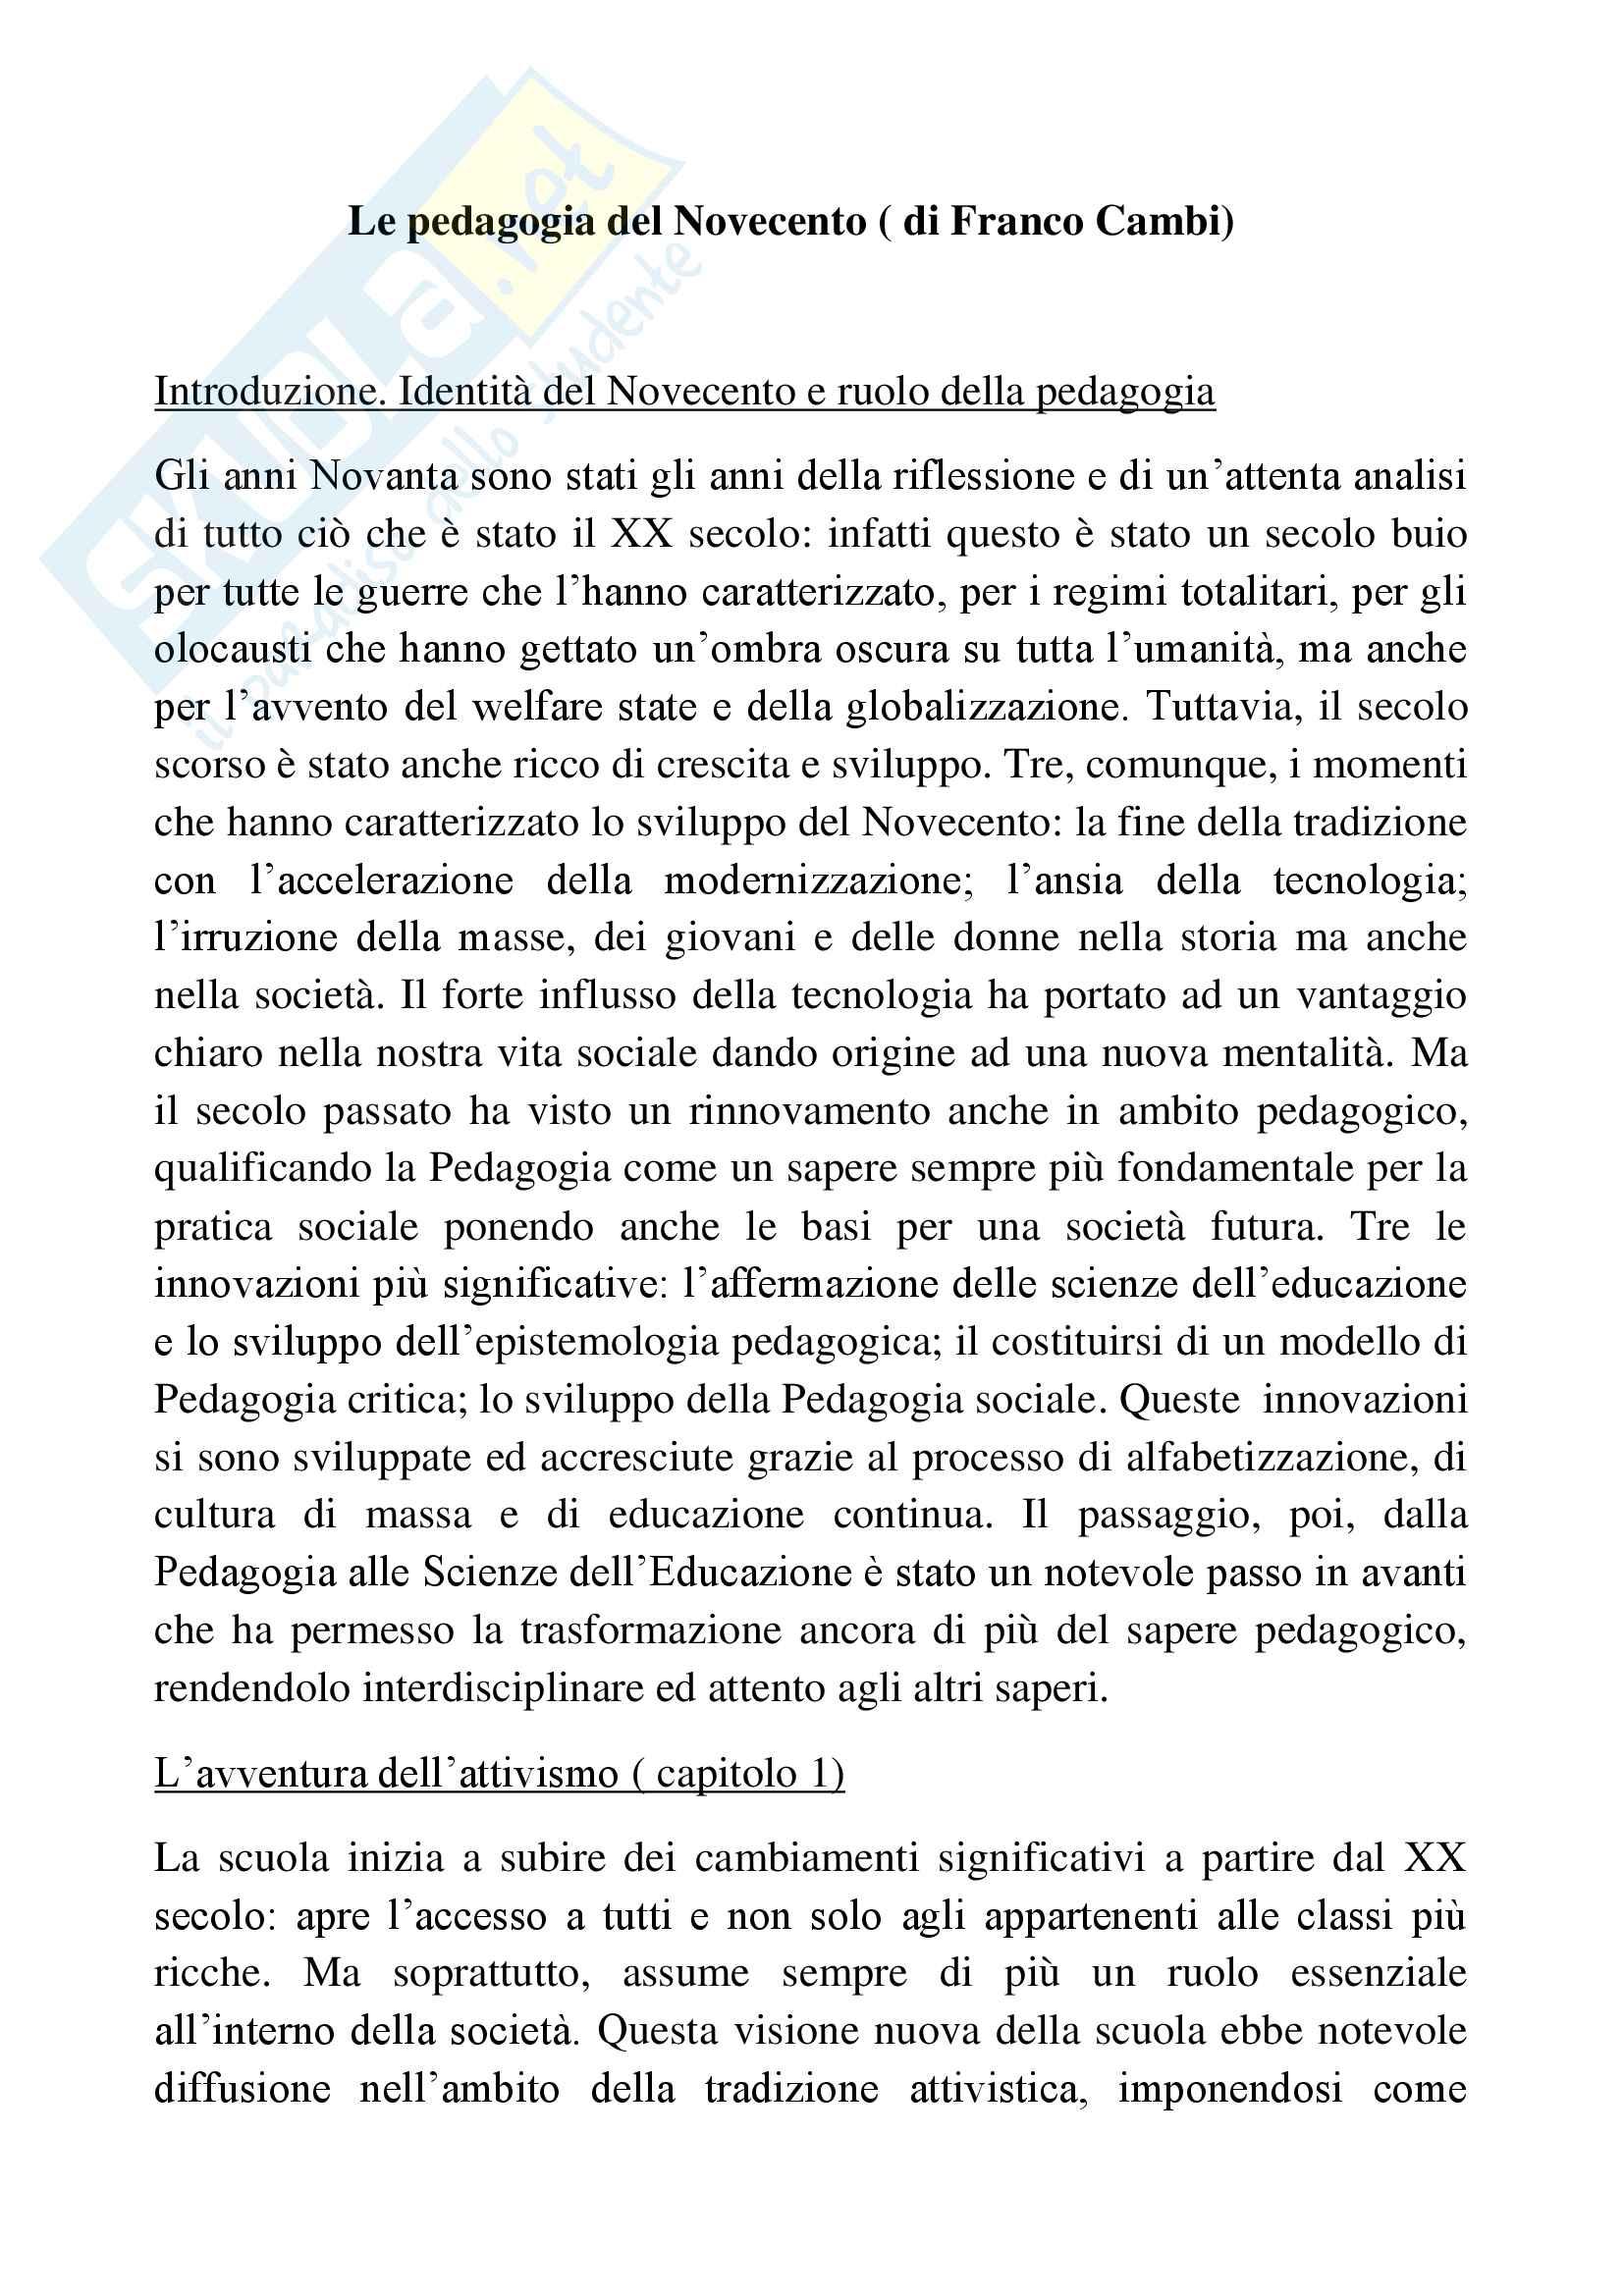 Riassunto esame pedagogia generale, docente Corbi, libro consigliato Le pedagogie del 900, Cambi